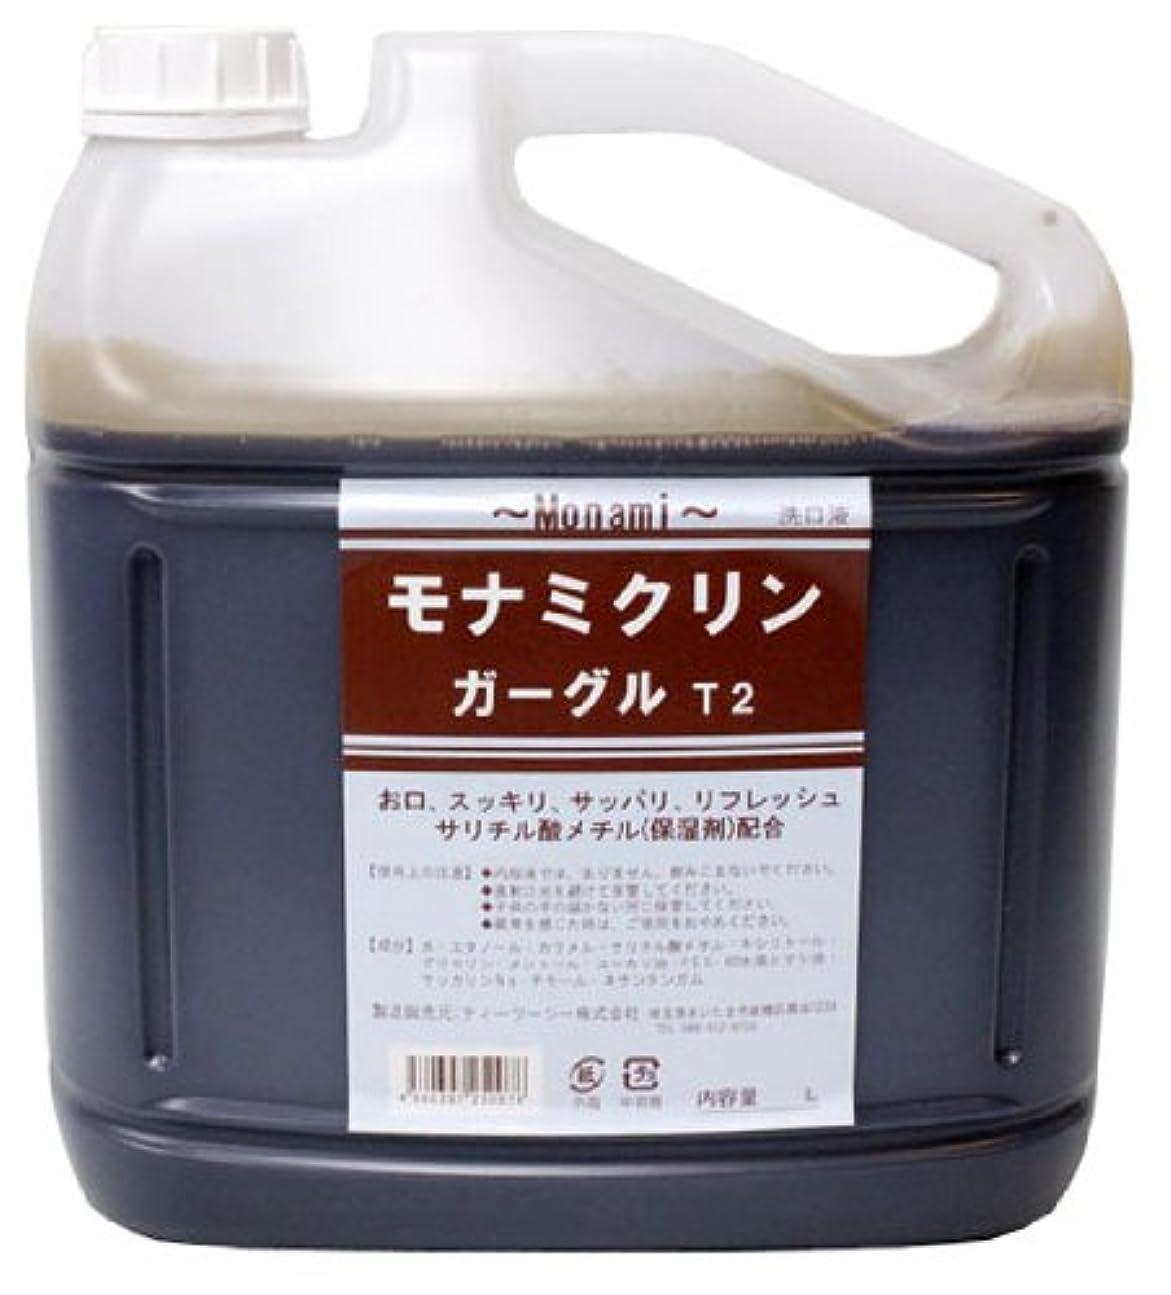 分析残る必要ない【業務用】モナミ クリンガーグルT2 5リットル サリチル酸メチル配合